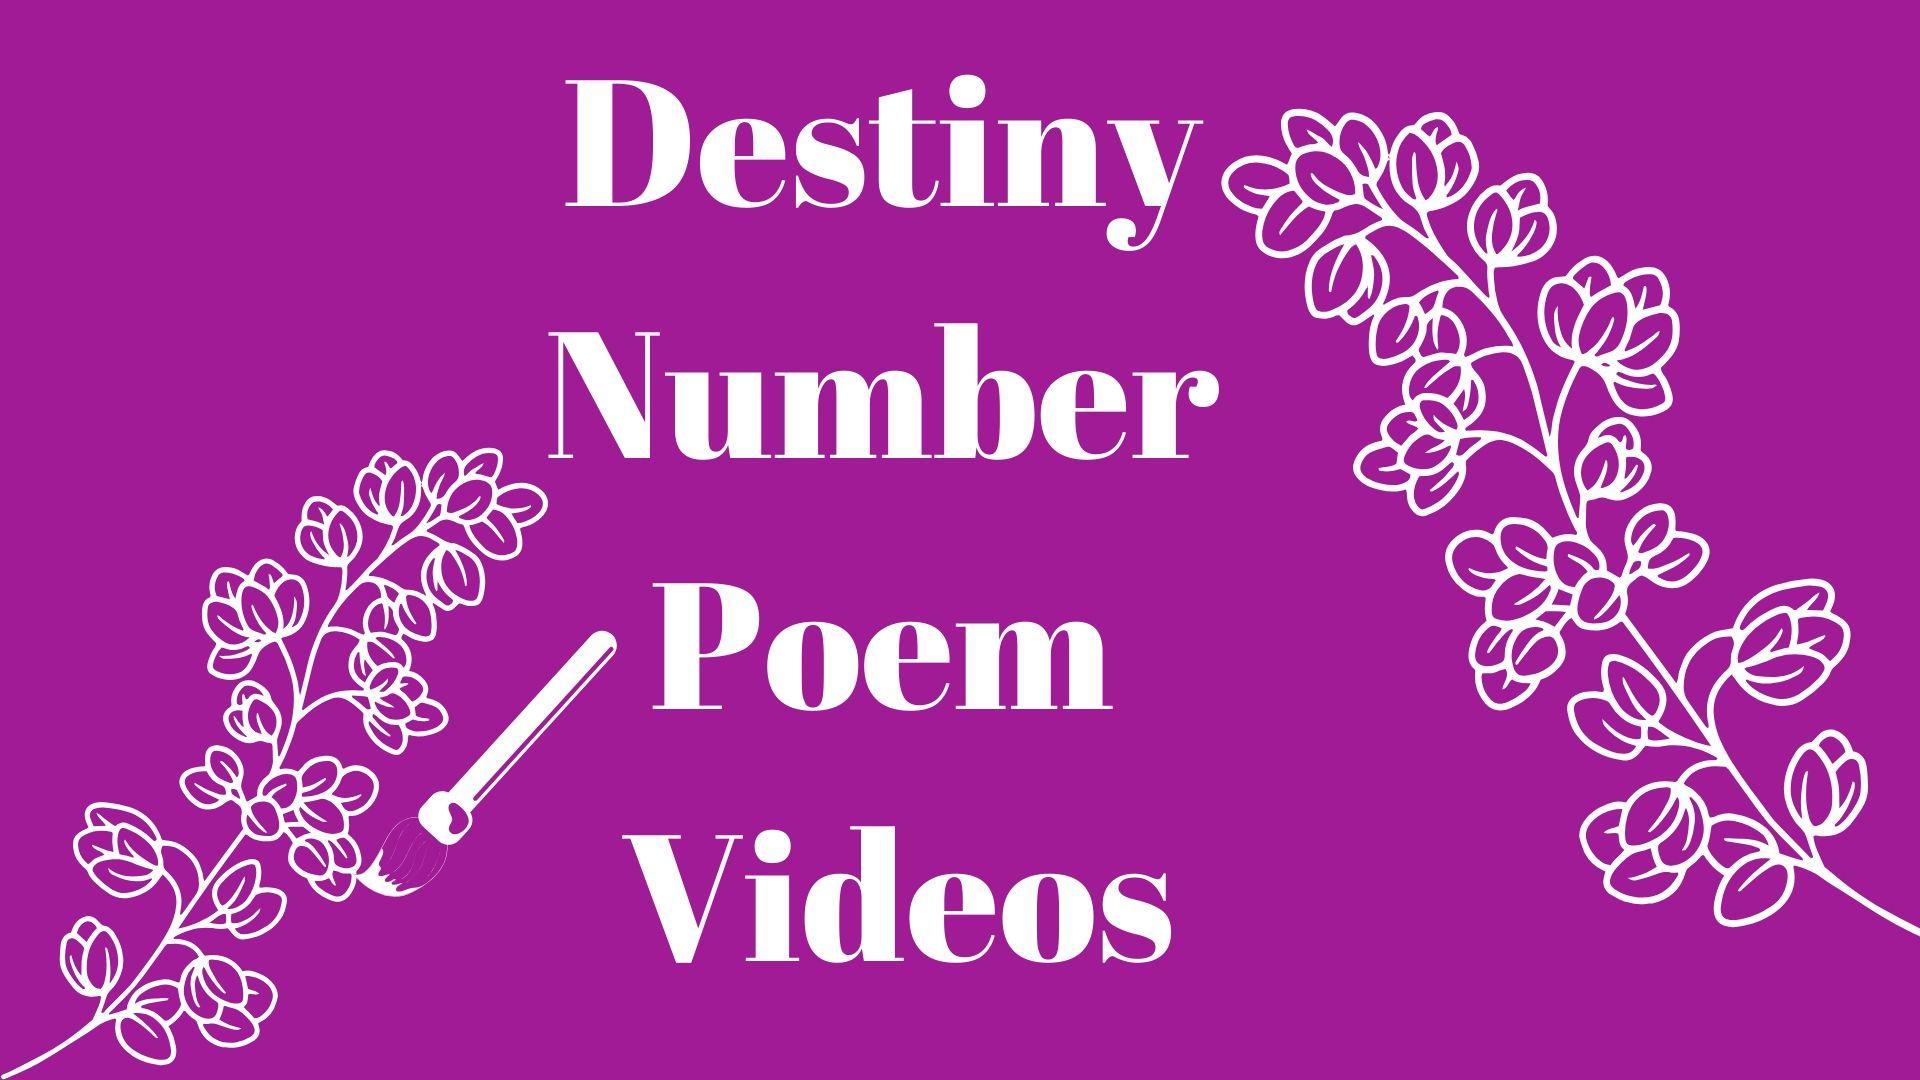 Destiny Videos Cover Photos.jpg